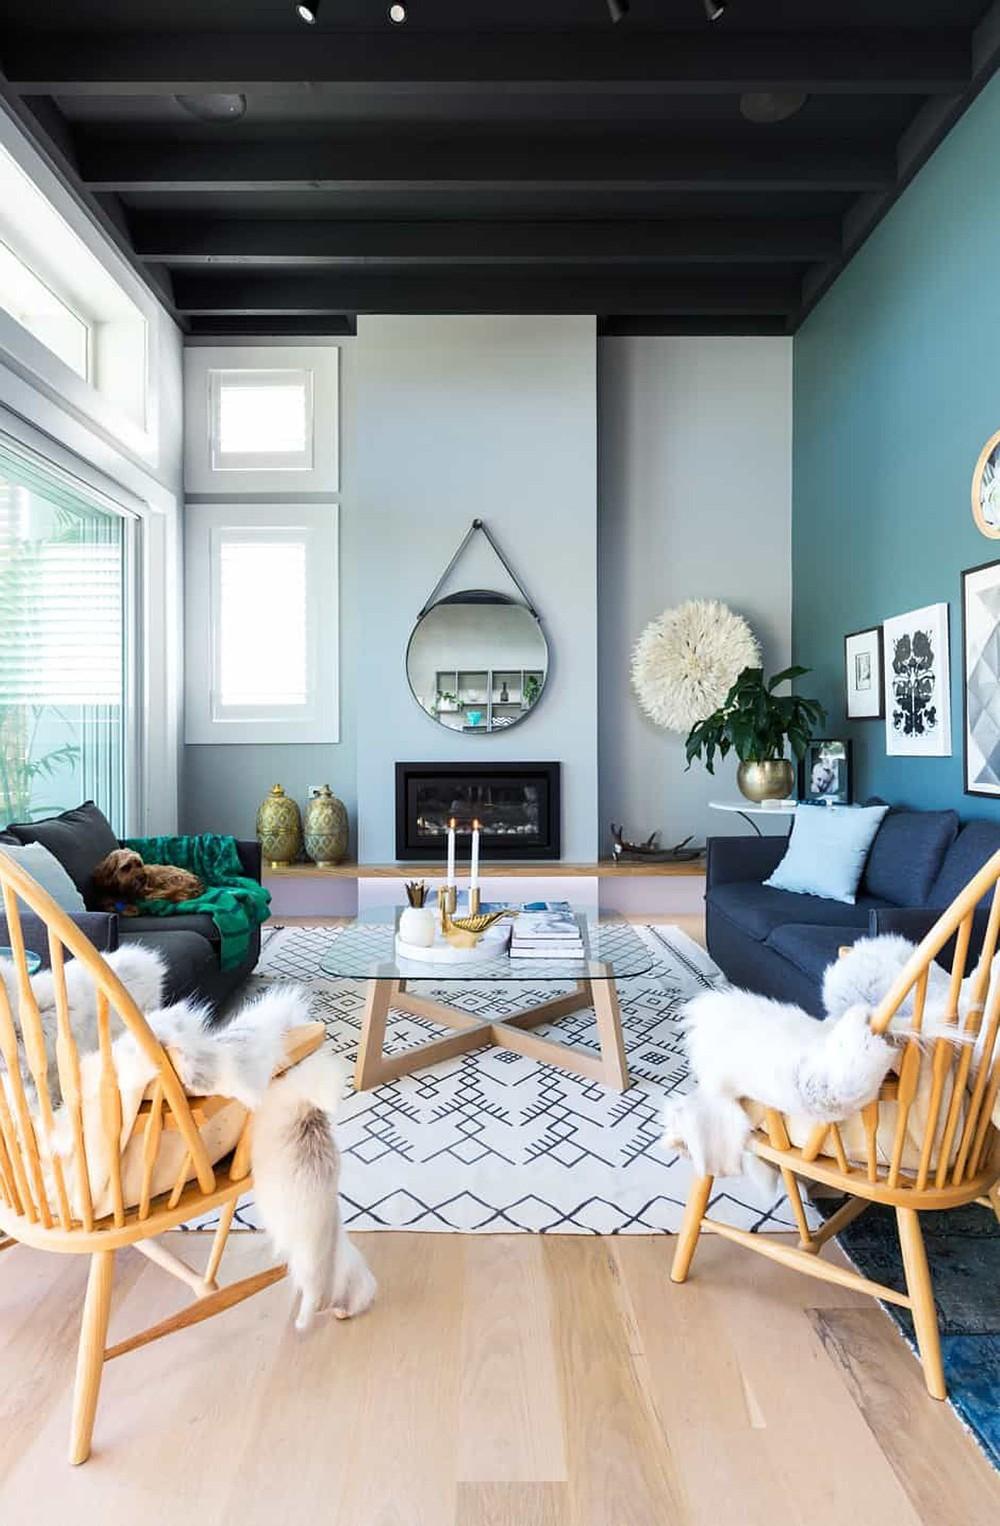 salon nuance bleu fauteuil rotin plaid fourrure blanche